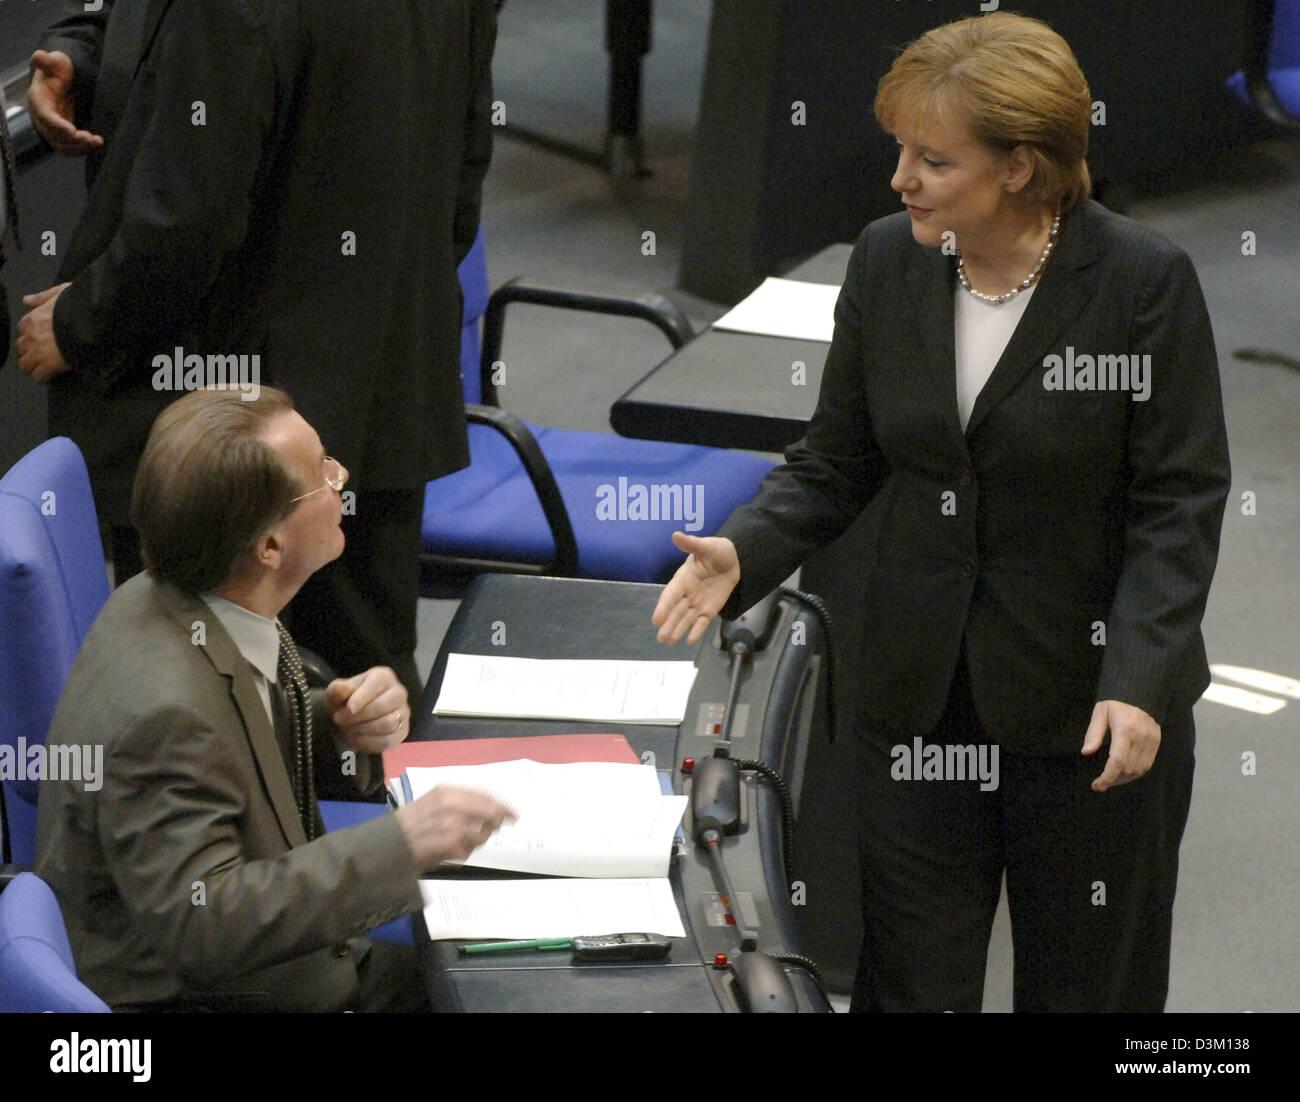 (Dpa) - Angela Merkel (R) leader della Germania cristiano conservatore Unione Democratica (CDU) parla di Franz Muentefering, leader dei socialdemocratici (SPD) davanti alla prima sessione del nuovo eletto Bundestag tedesco del parlamento Reichstag di Berlino, Martedì, 18 ottobre 2005. Il nuovo Bundestag ha incontrato martedì per la prima volta dopo le elezioni generali di votare un nuovo parl Foto Stock